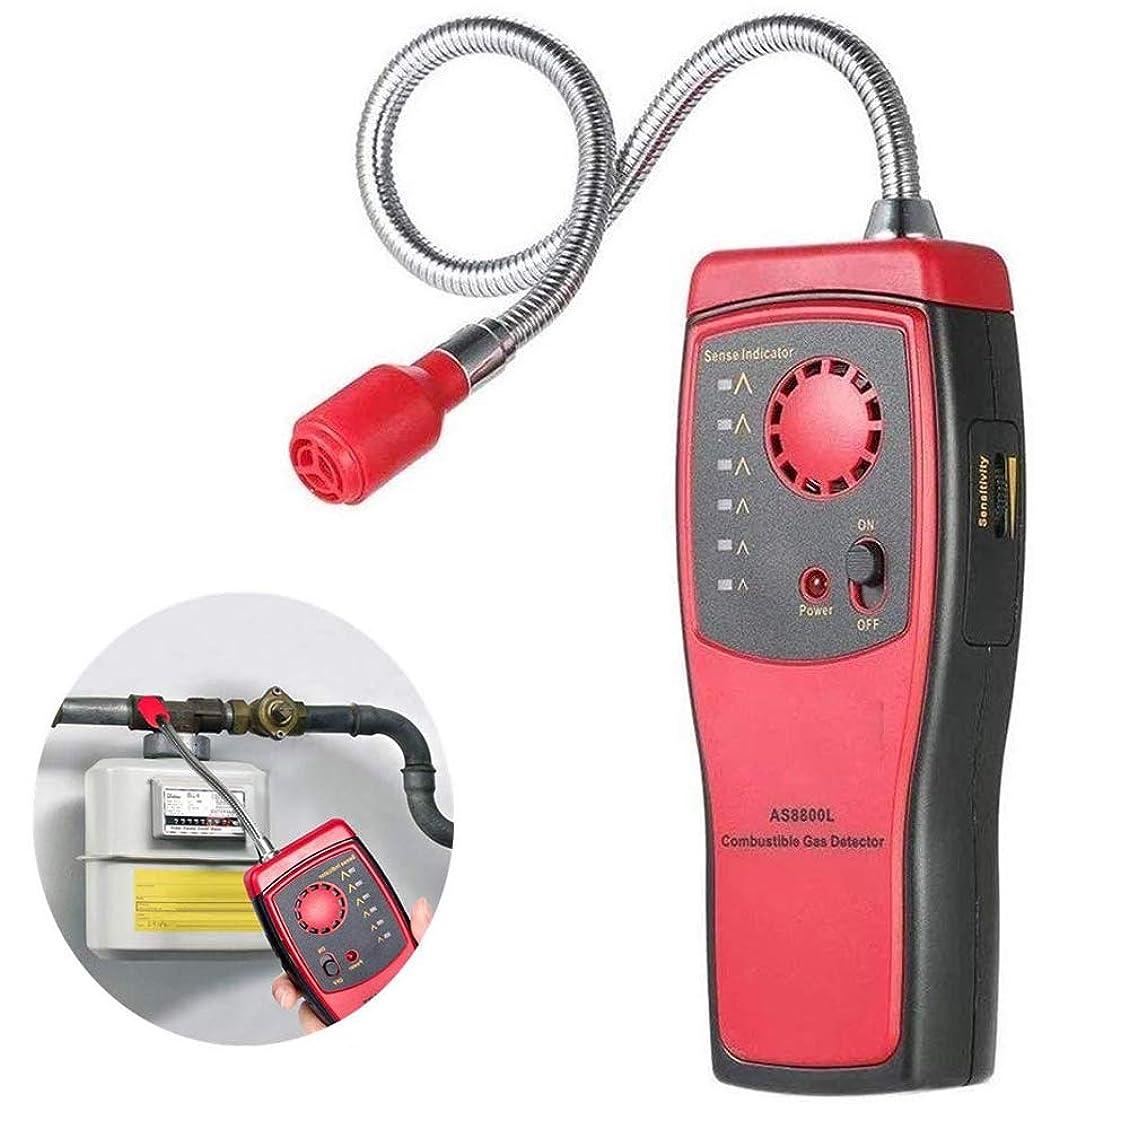 知性ウィンクセイはさておきガス検知警報、可燃性ガス漏れ検出器、ポータブル可燃性ガス検知器天然ガスリークテスターアナライザ、サウンド警告と可燃性ガスのSniffer